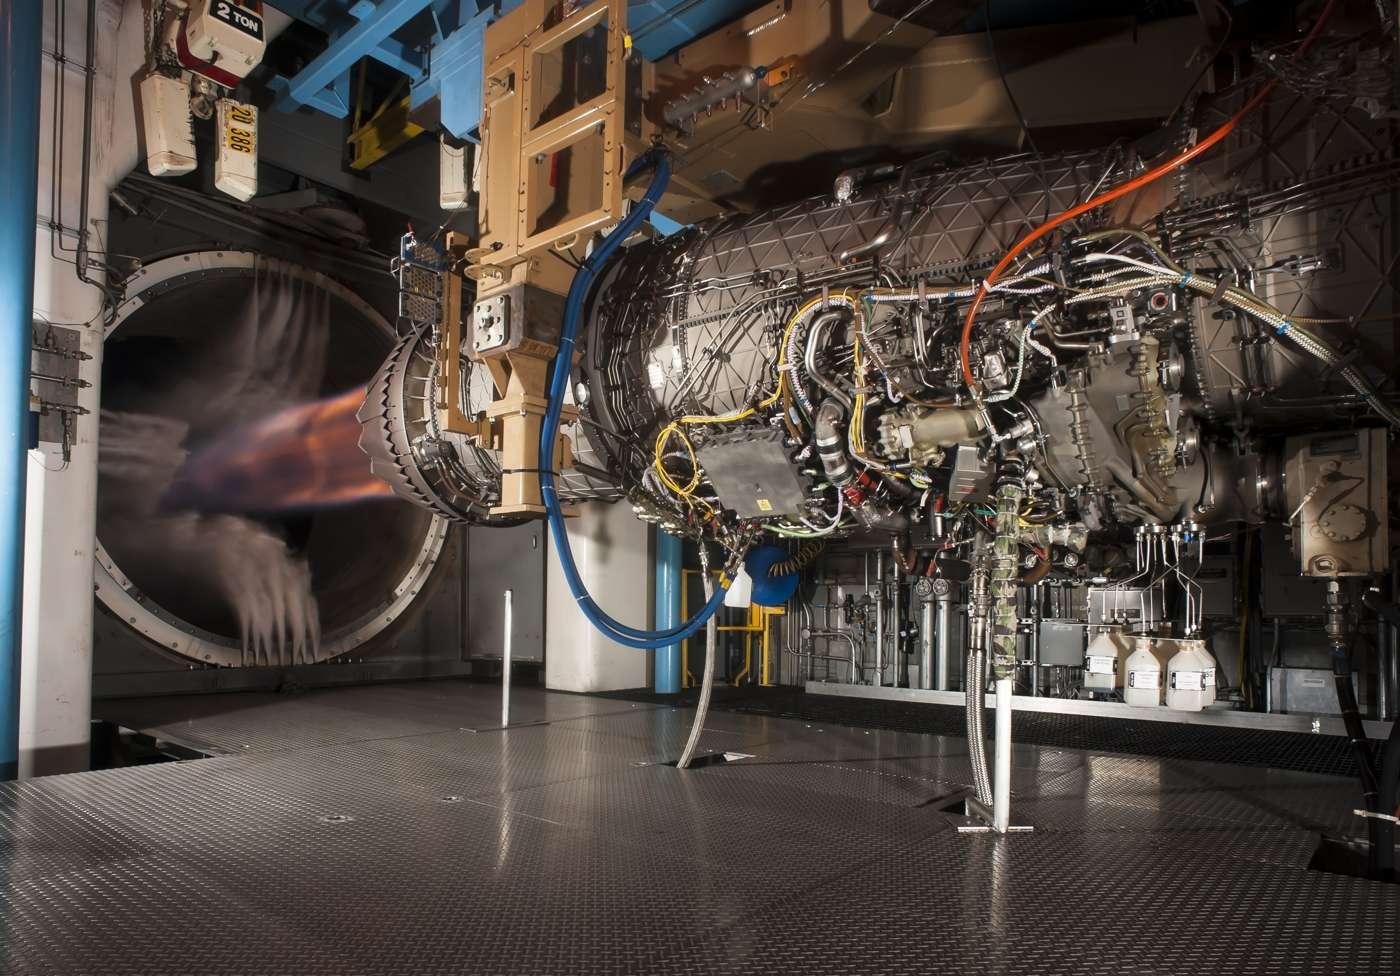 Retirada de Turquía del programa F-35 provocará aumento del precio de motores